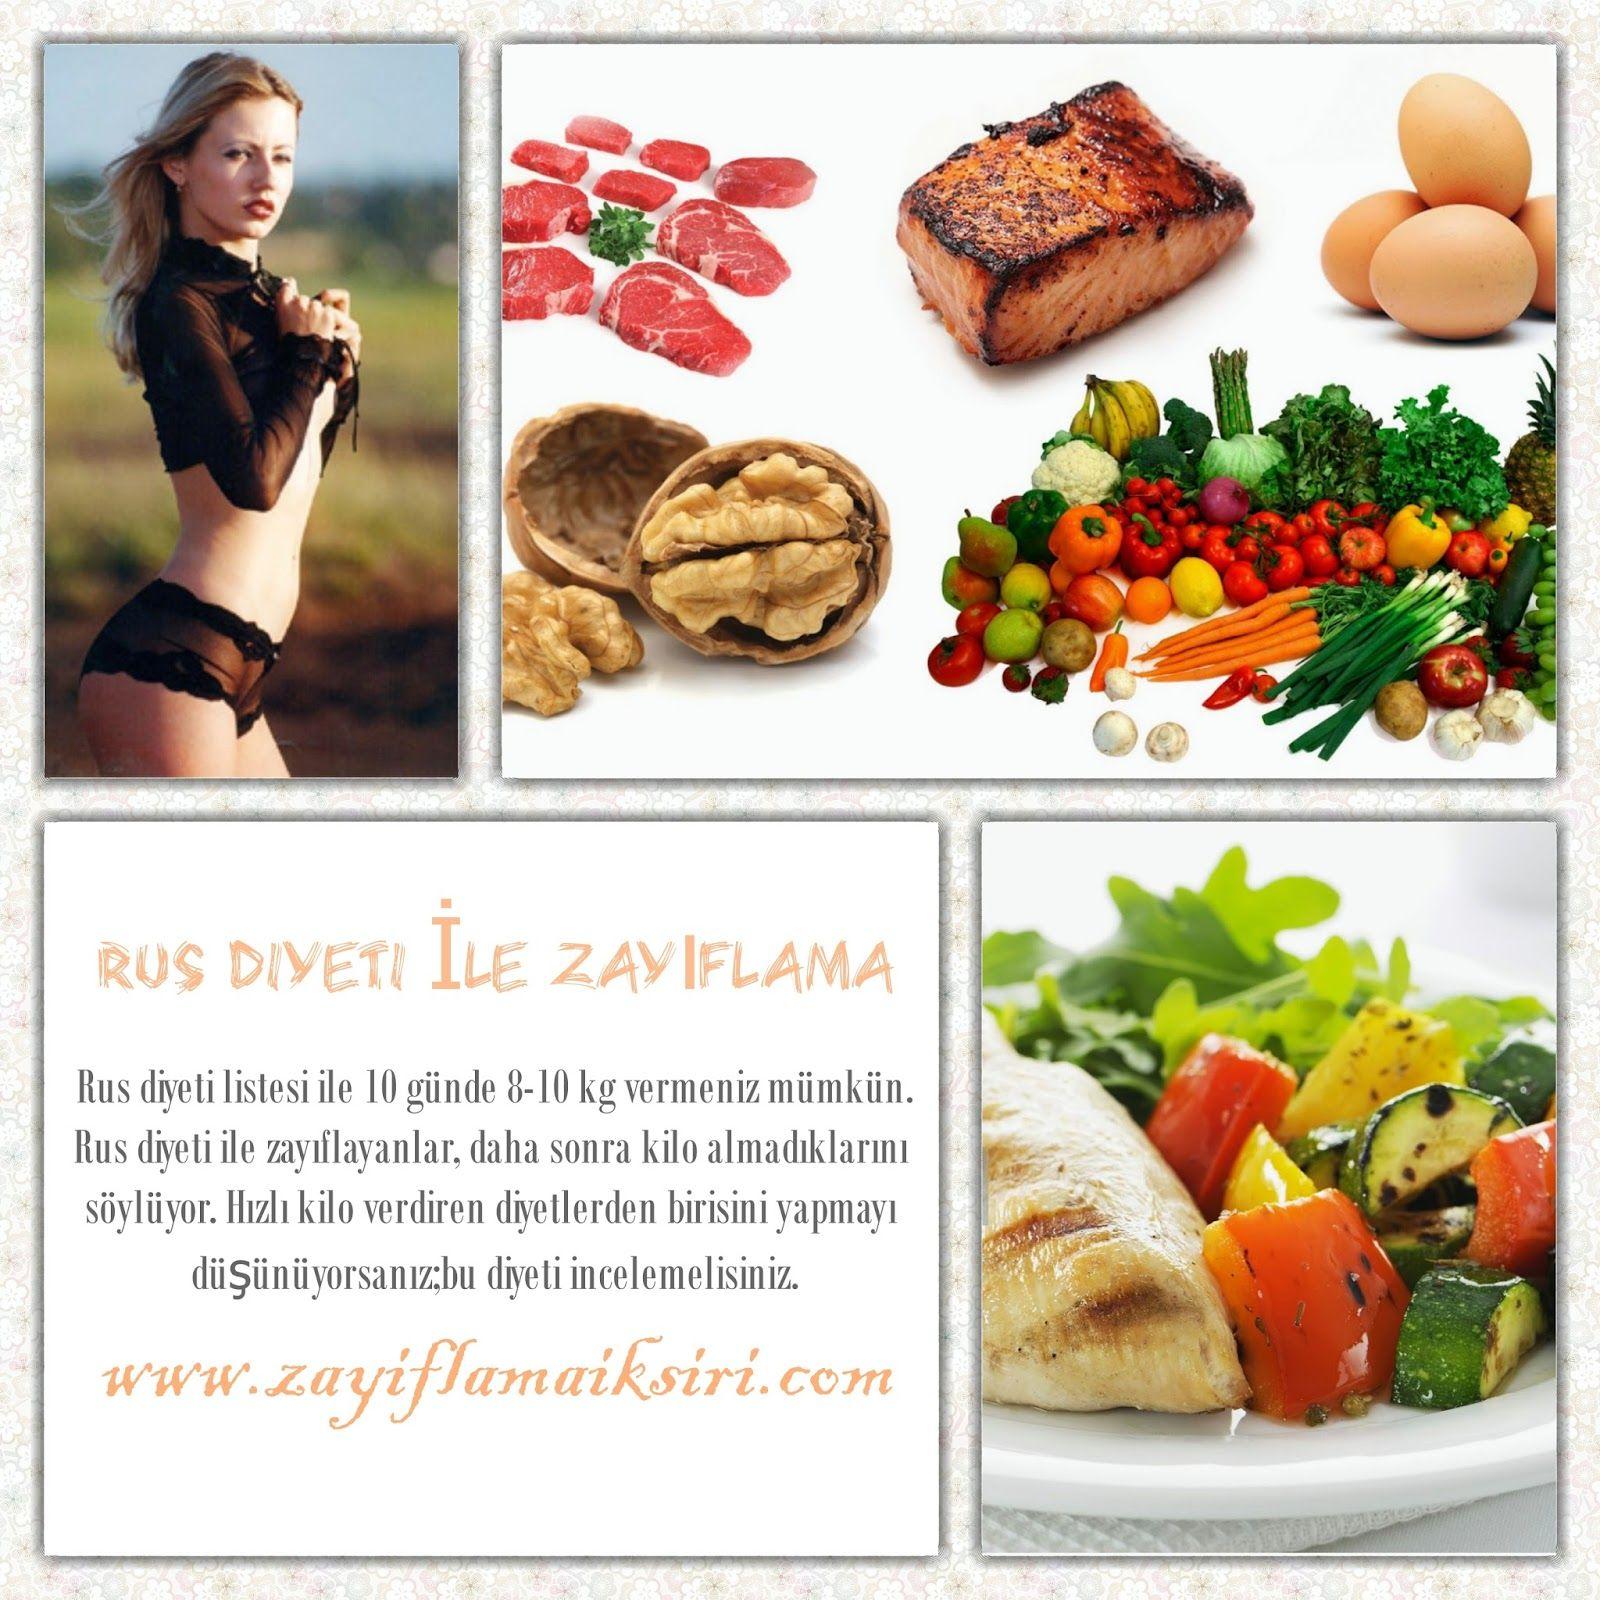 Karın zayıflama veya doğru yemek için diyetler